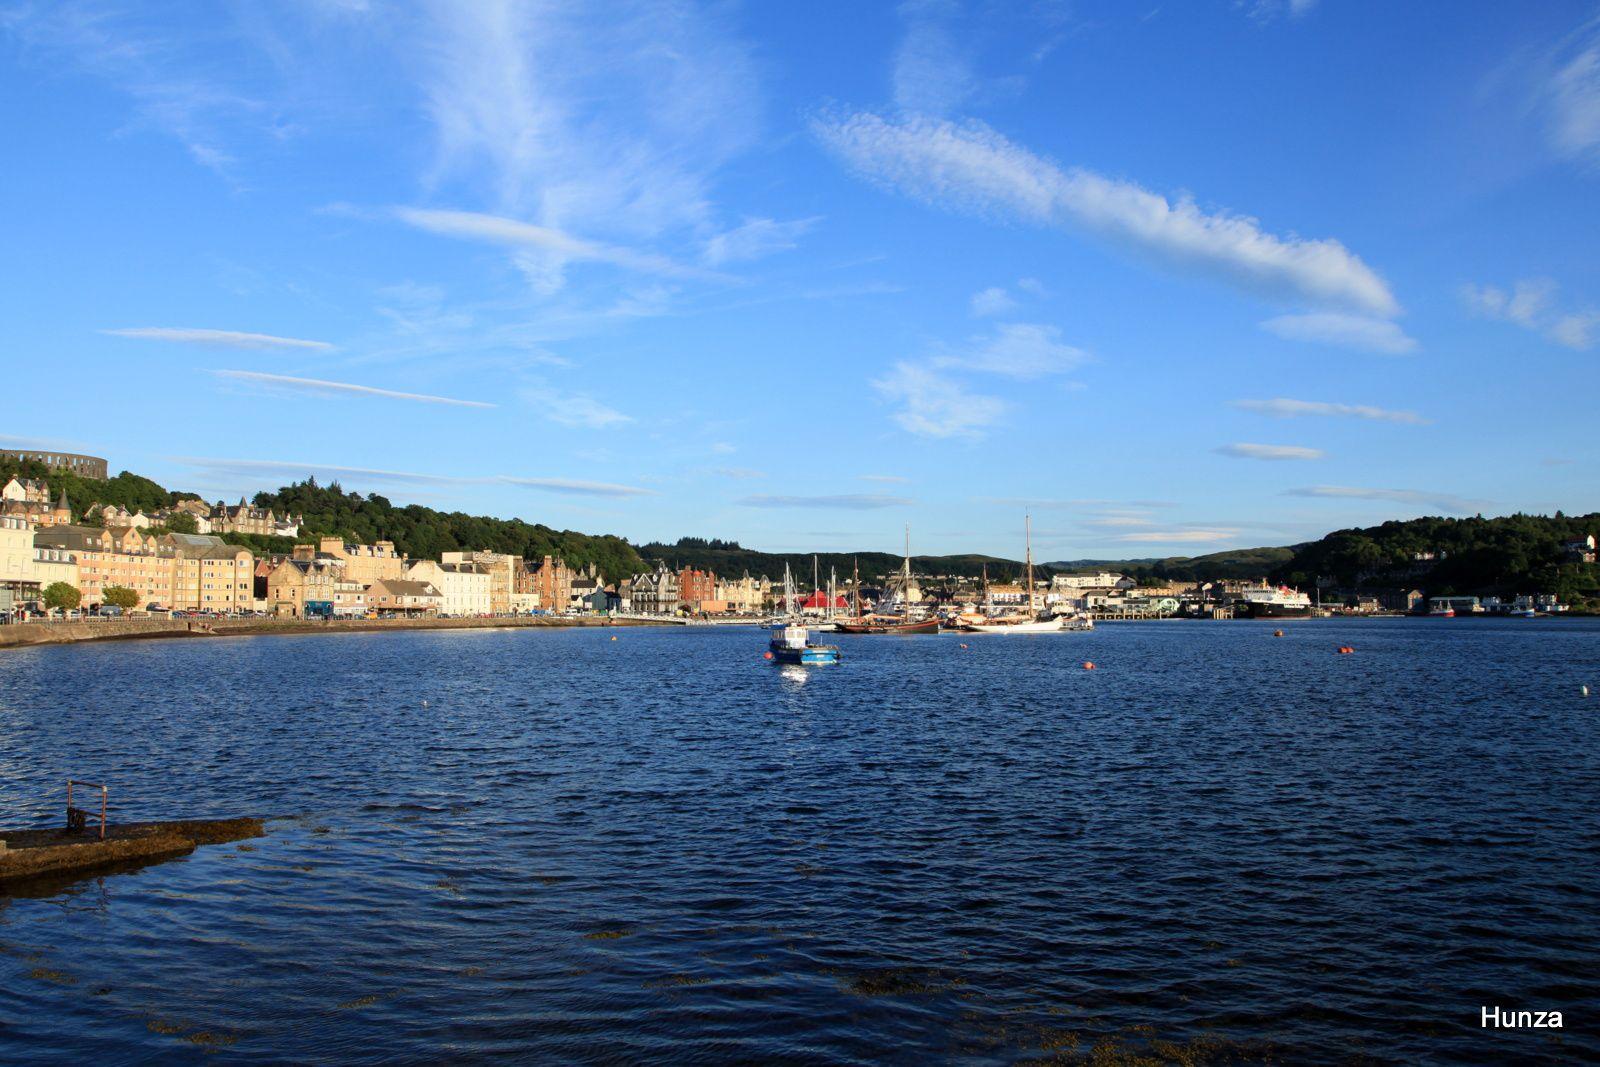 Mon voyage d'une semaine en Ecosse : d'Edimbourg à l'île de Skye